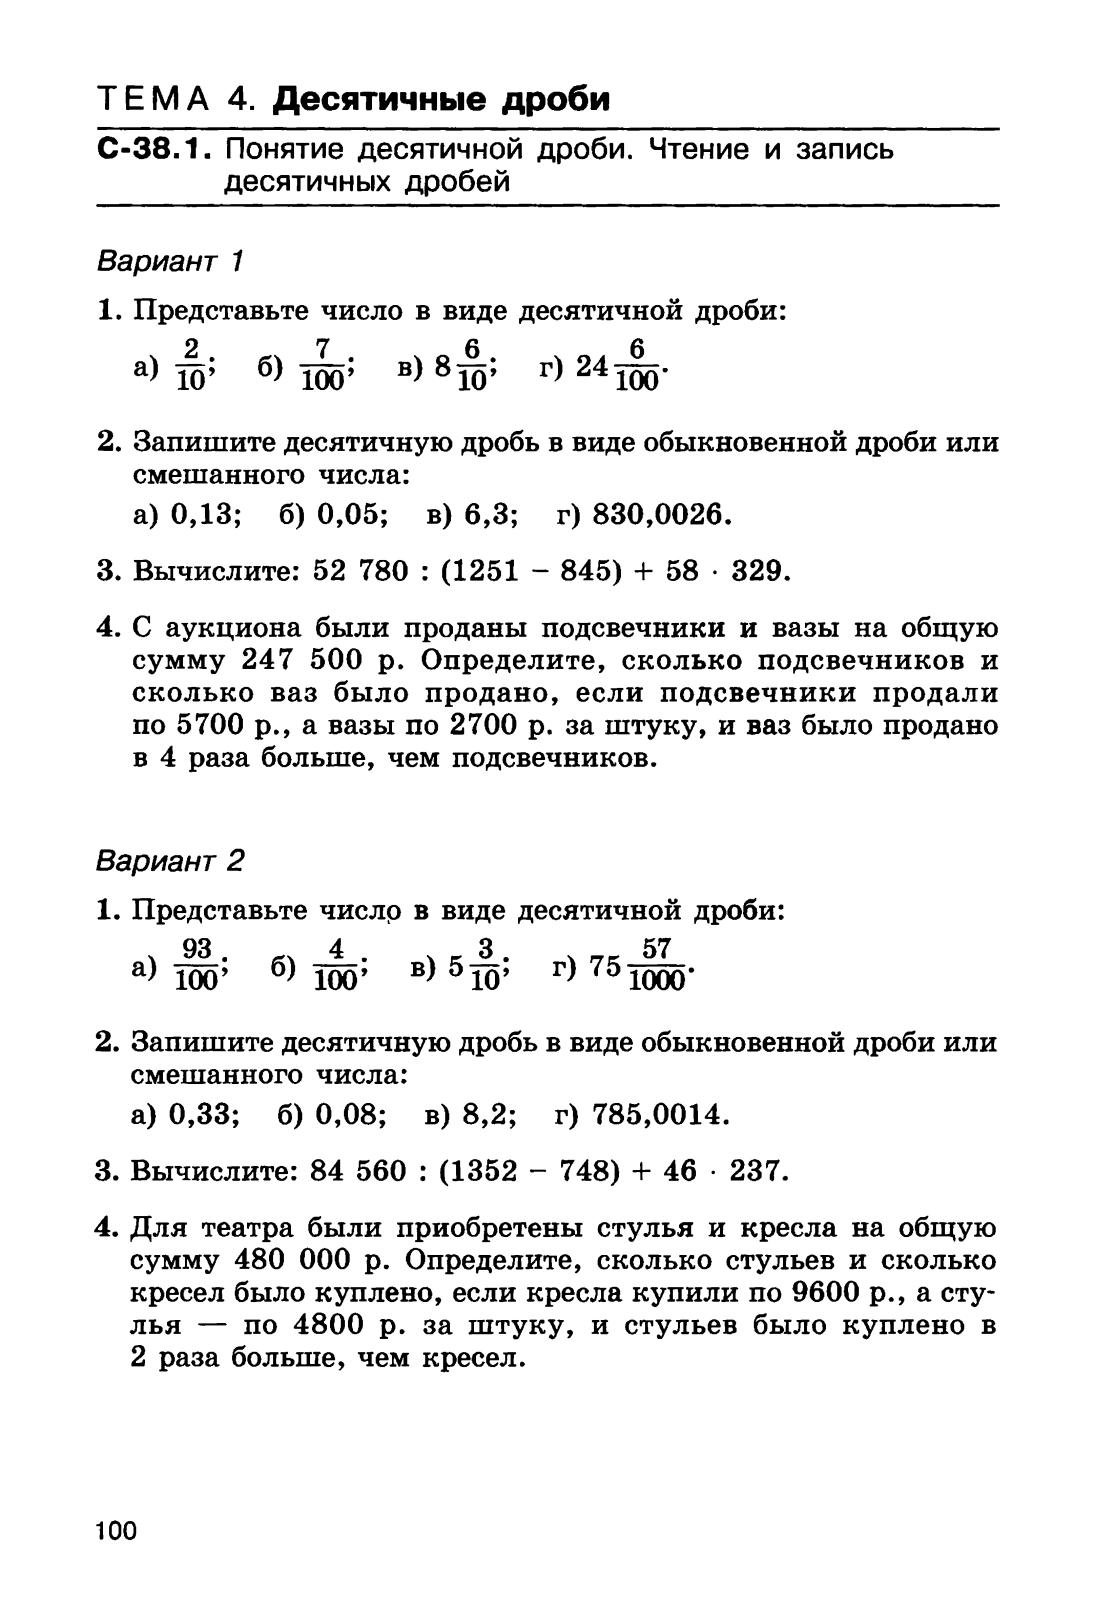 Решебник по самостоятельным работам по математике 6 класс кузнецова